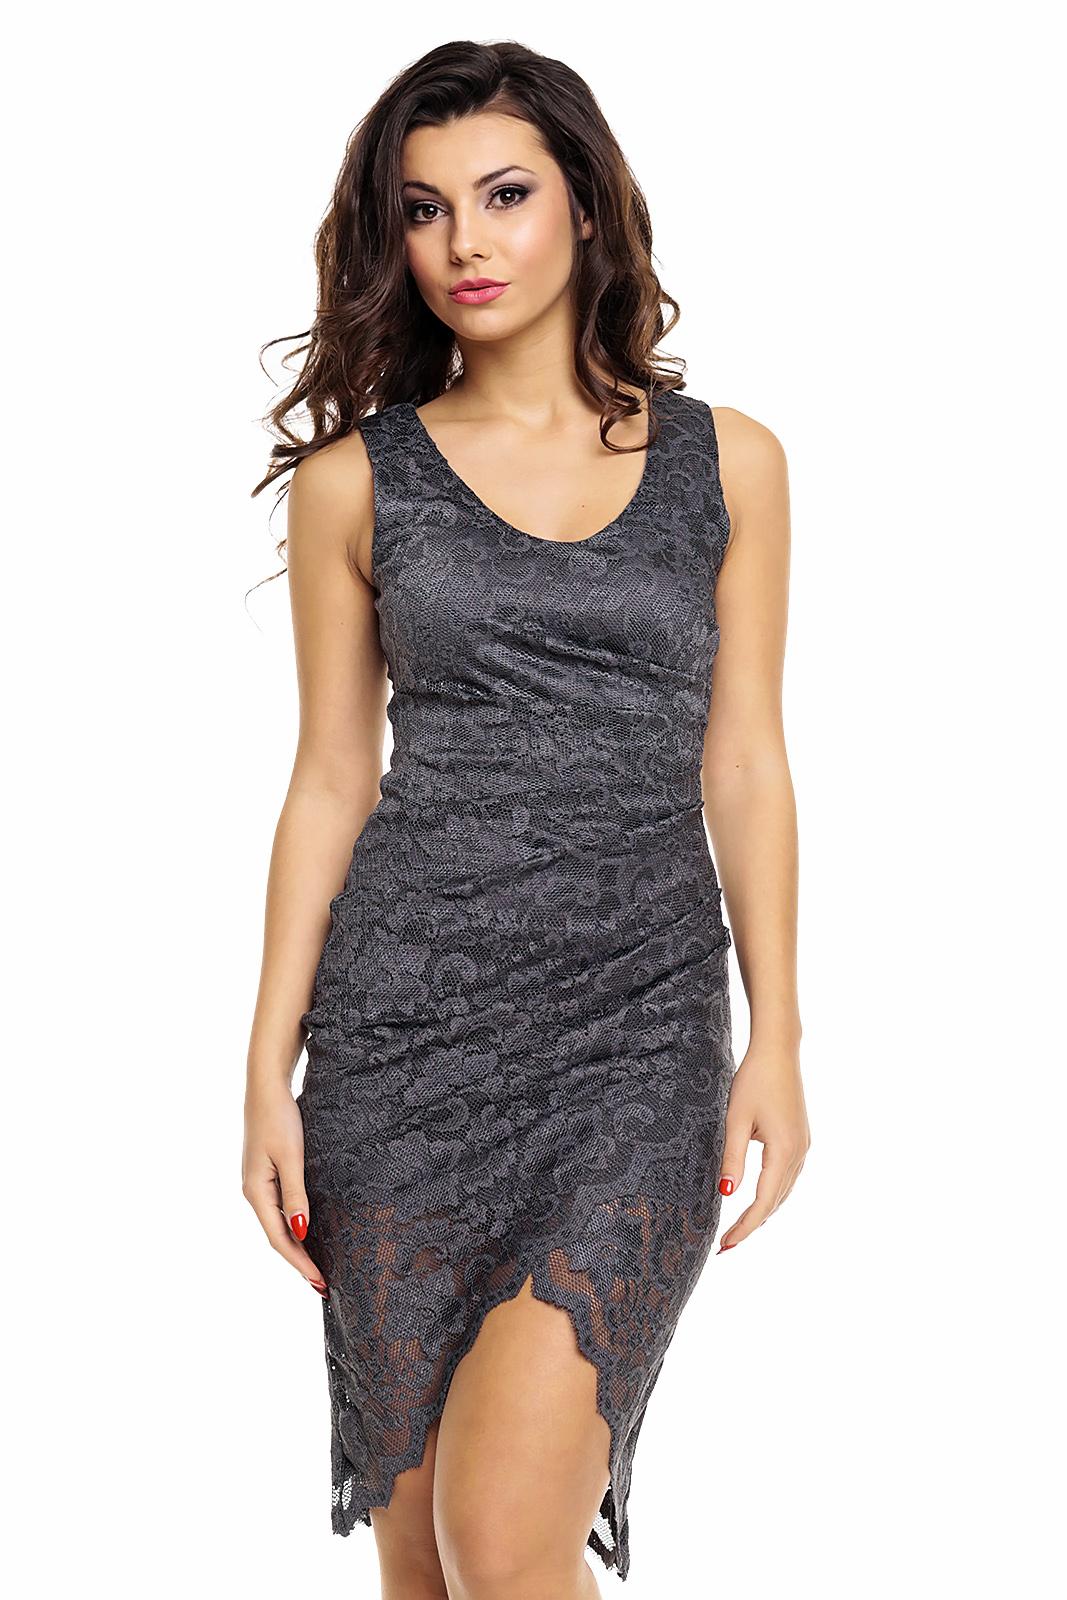 da1f2e3de72 Společenské a plesové šaty MAYAADI krajkové s asymetrickou sukní tmavě šedé.  1